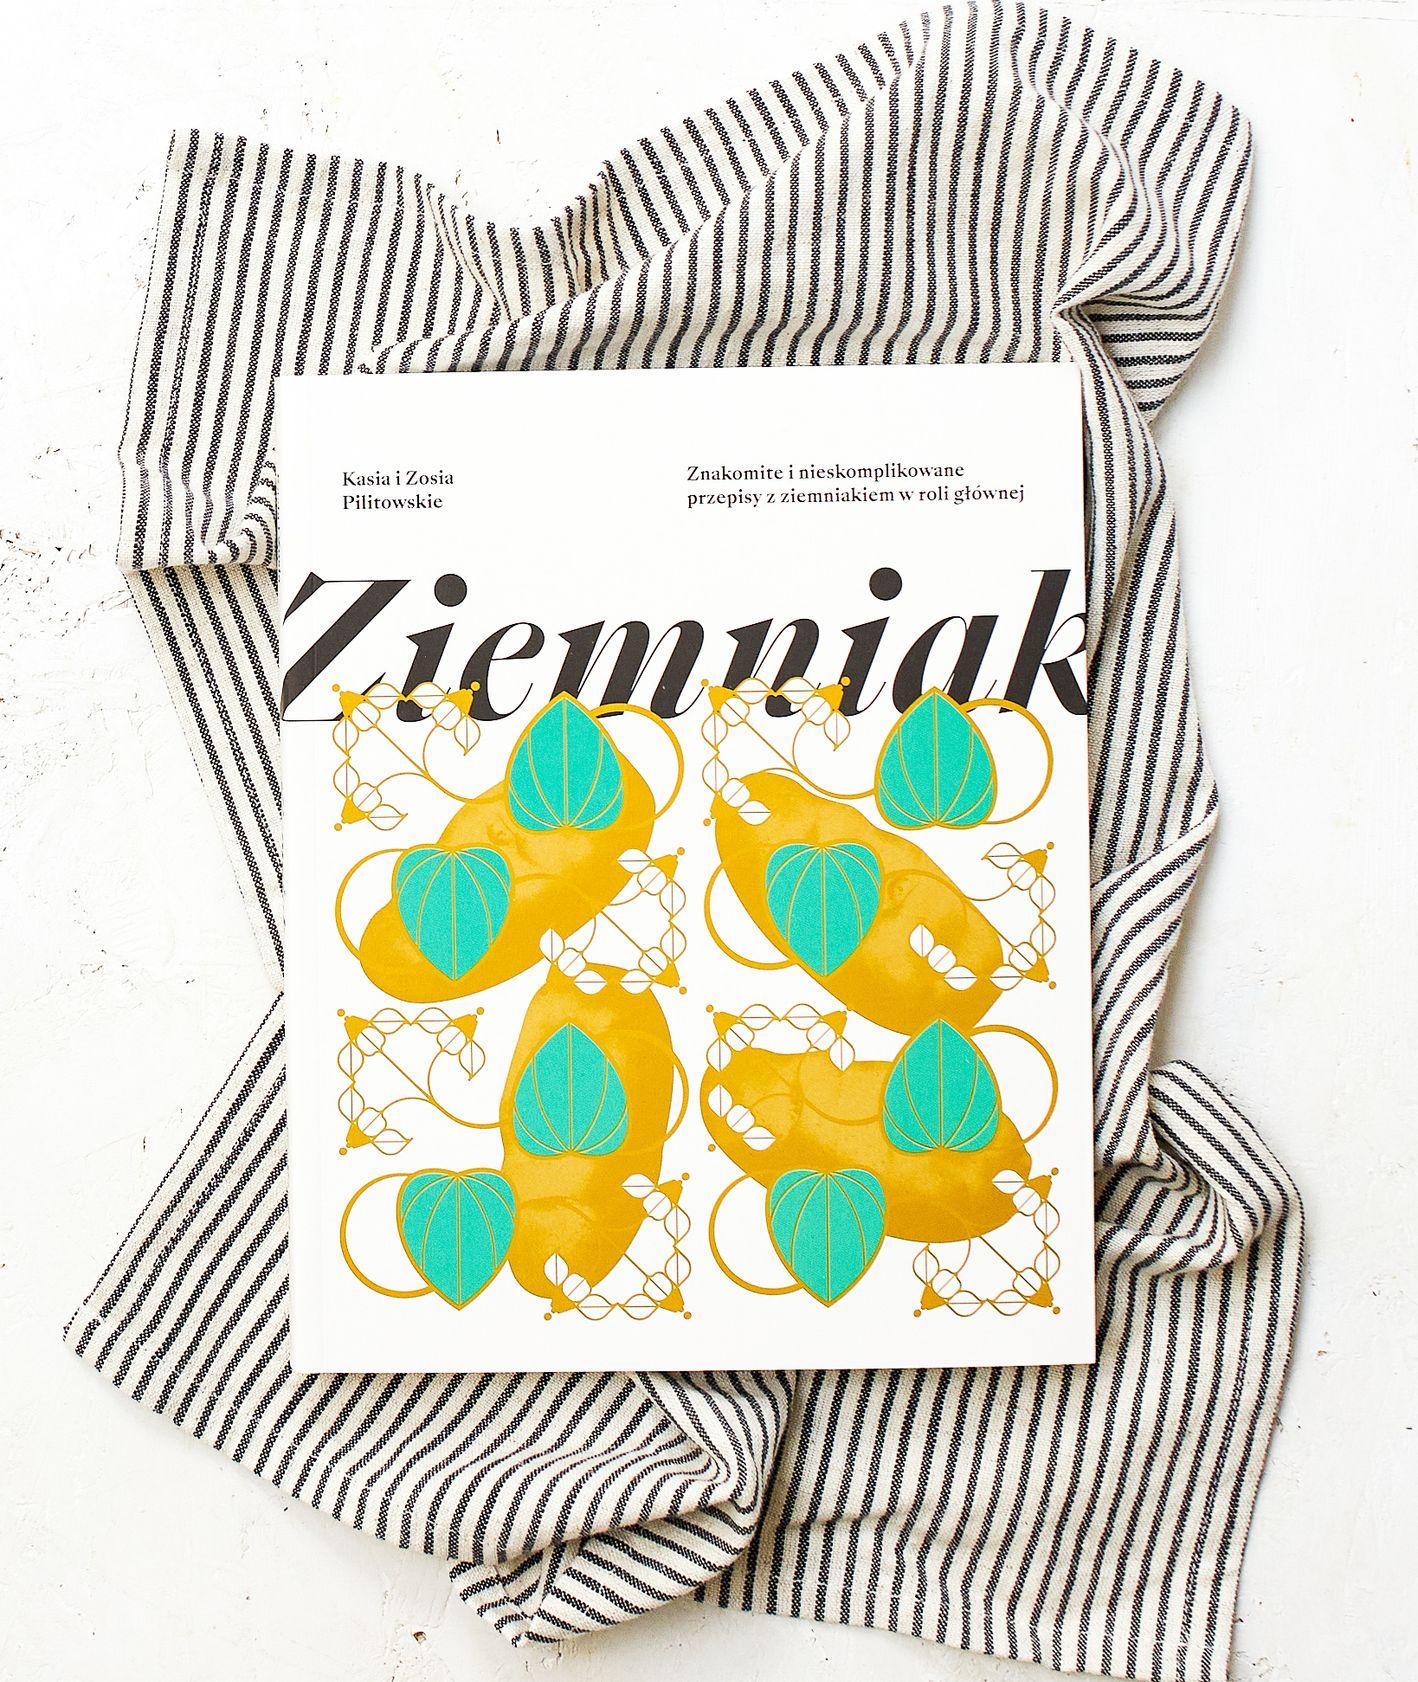 Okładka książki Ziemniak autorstwa Zosi i Kasi Pilitowskich (fot. Paulina Czyżewska)